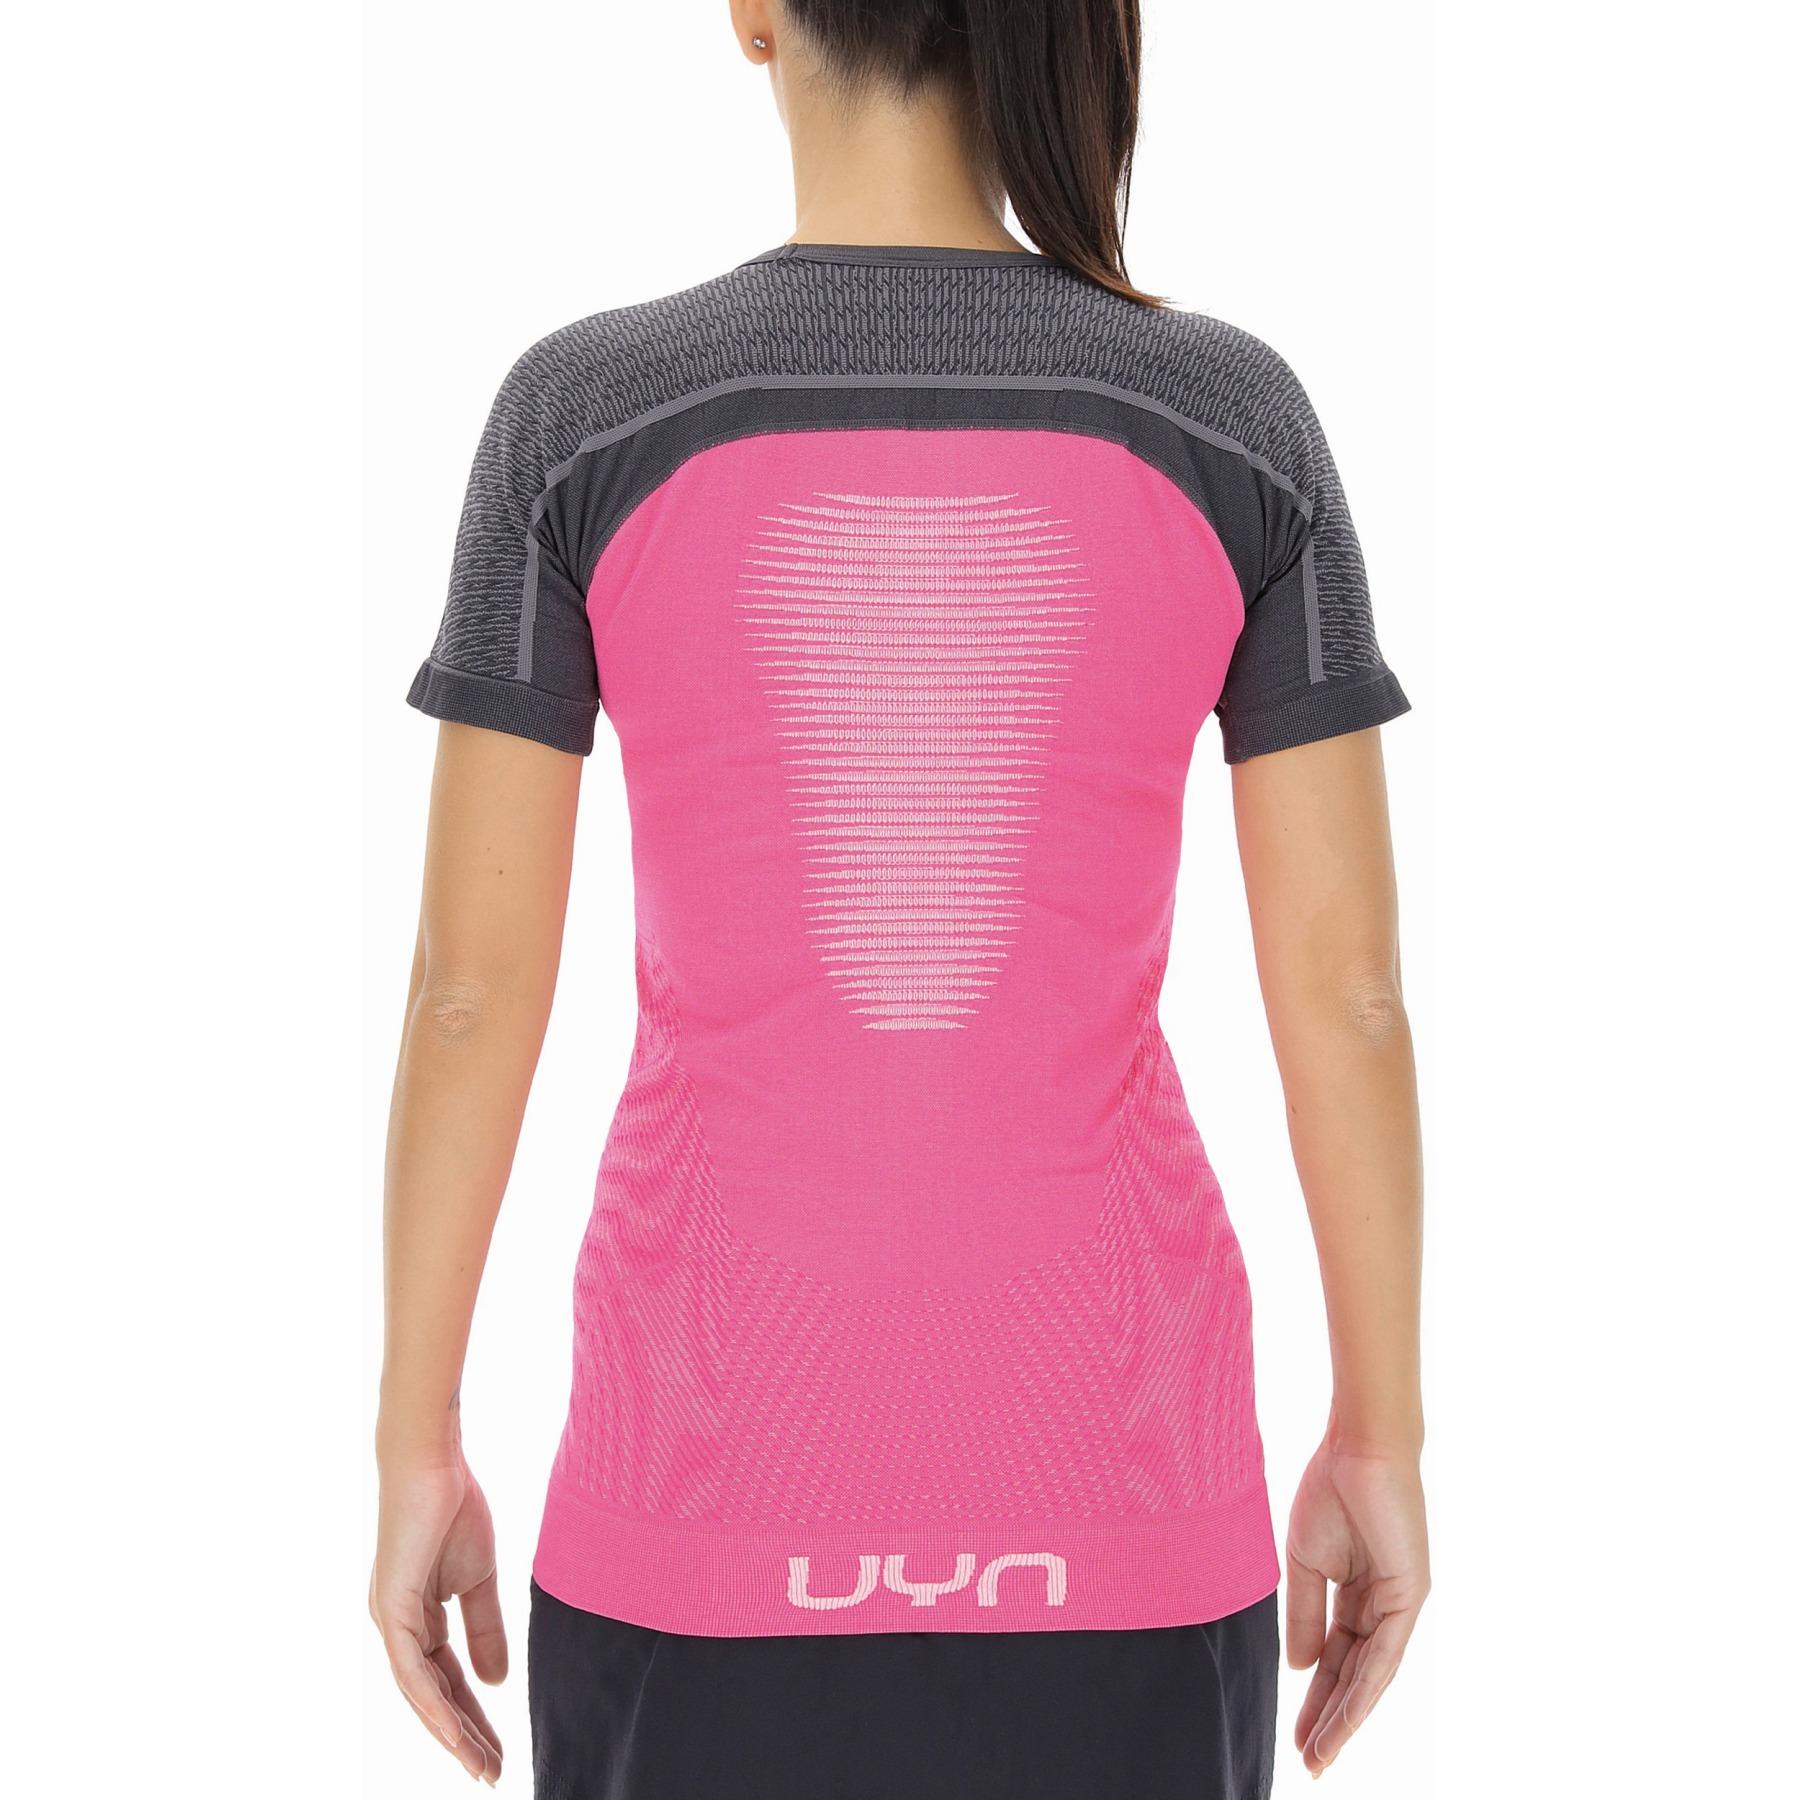 Bild von UYN Marathon Running T-Shirt Damen - Magenta/Charcoal/White